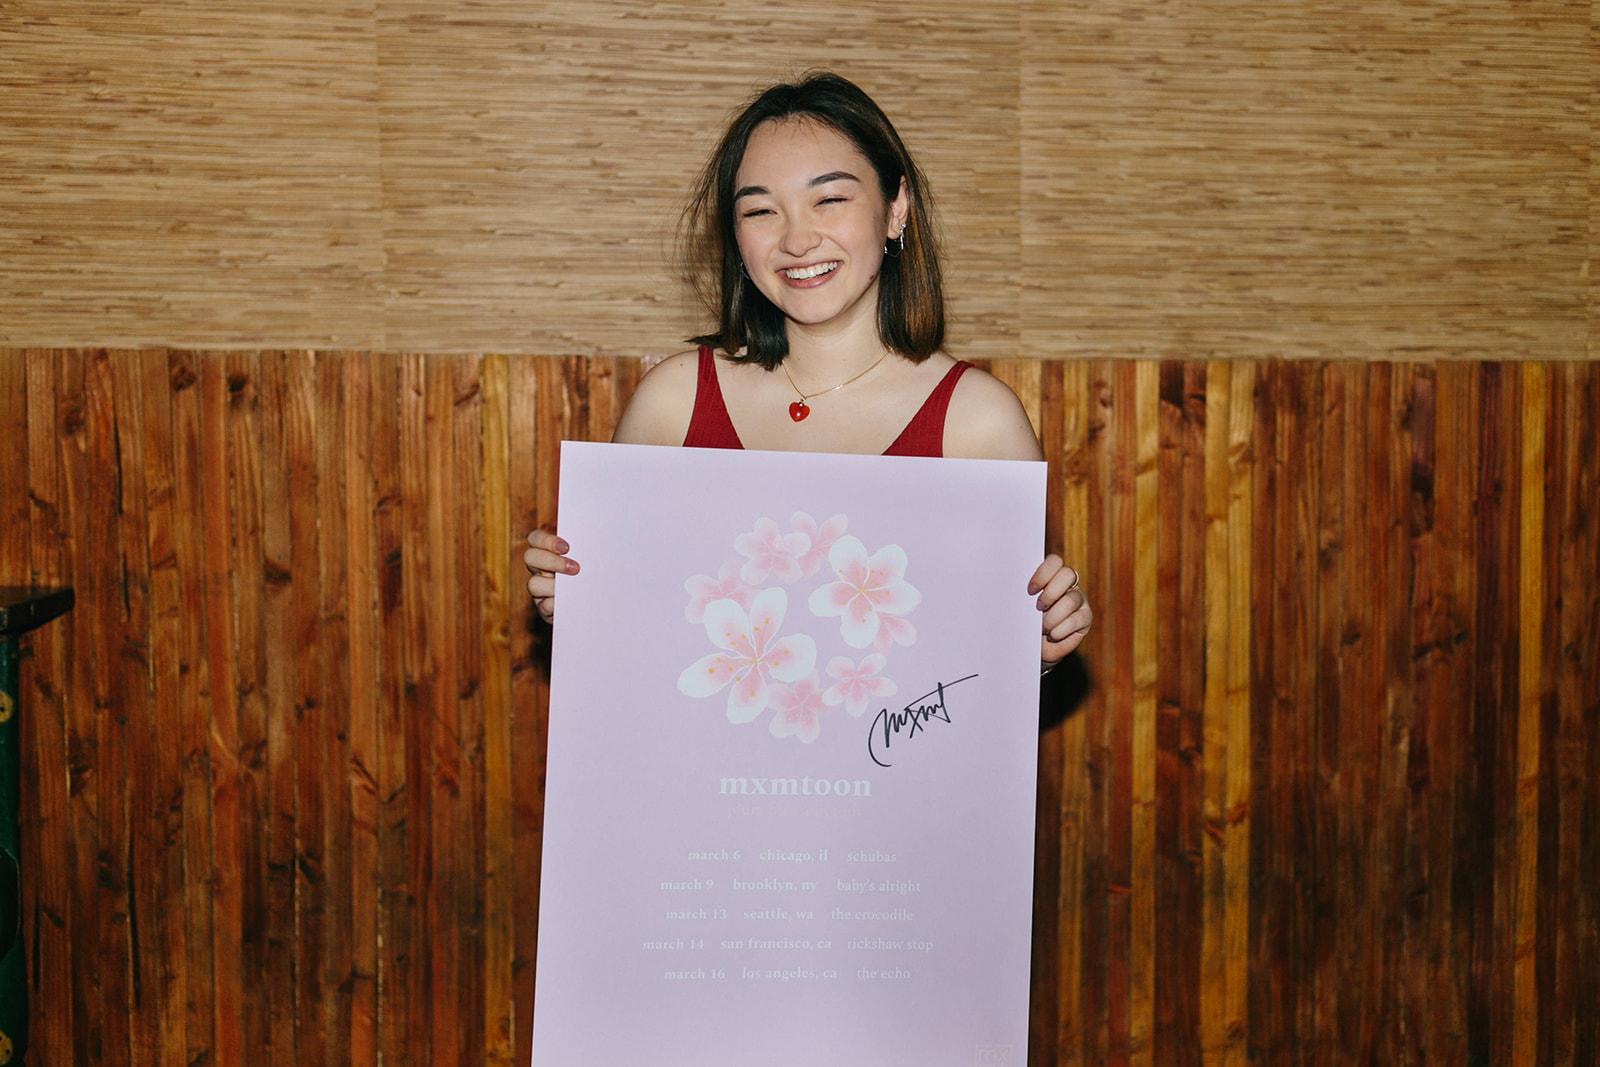 plum blossom tour posters